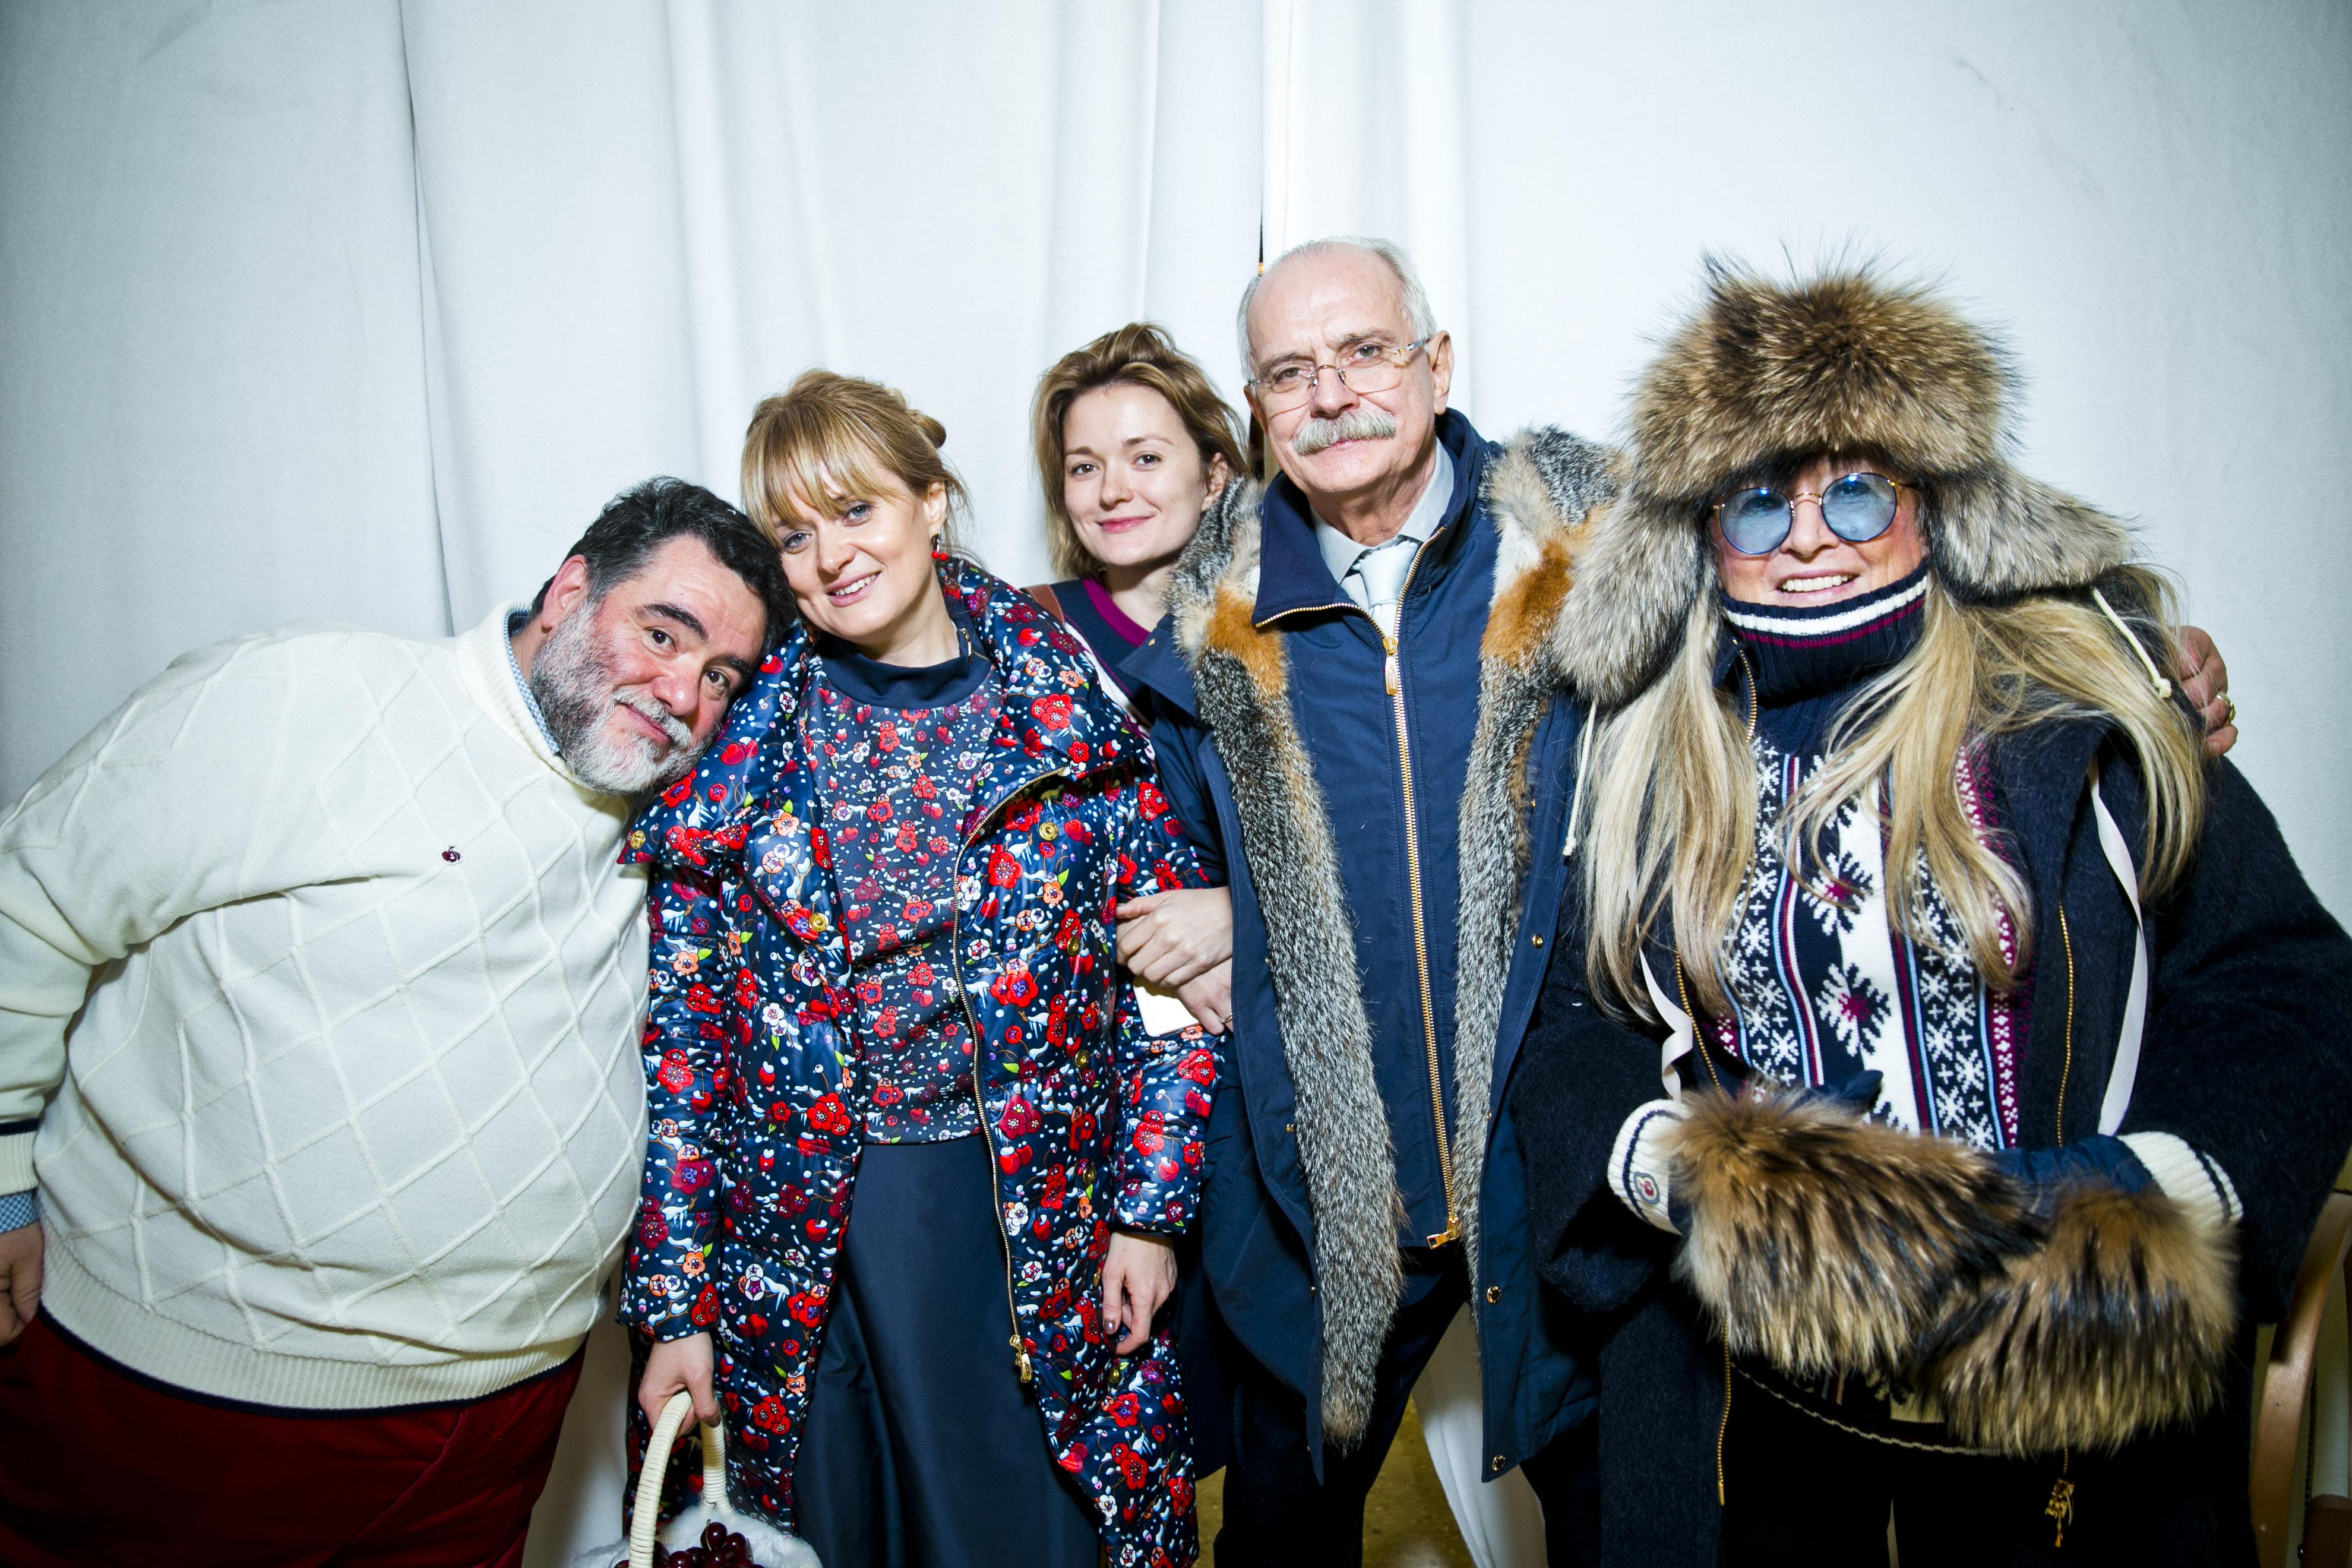 Михаил Куснирович (Bosco), актрисы  Анна и Надежда Михалковы, режиссер Никита с супругой Татьяной Михалковой